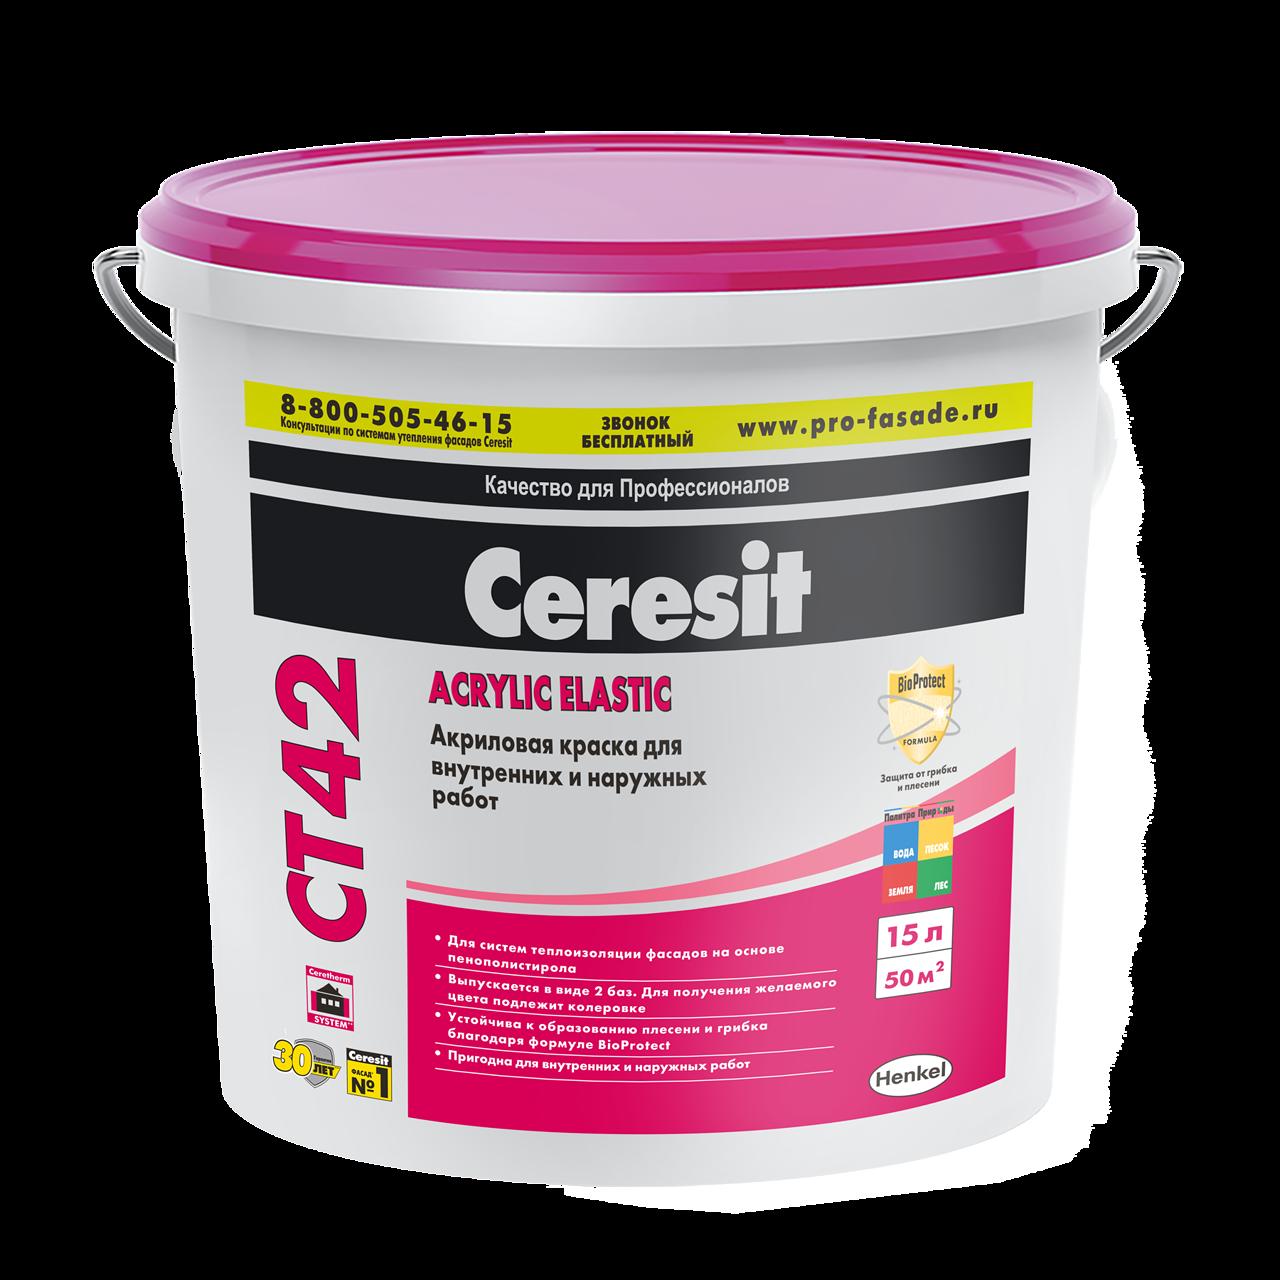 Ceresit CT 42. Акриловая краска для наружных и внутренних работ